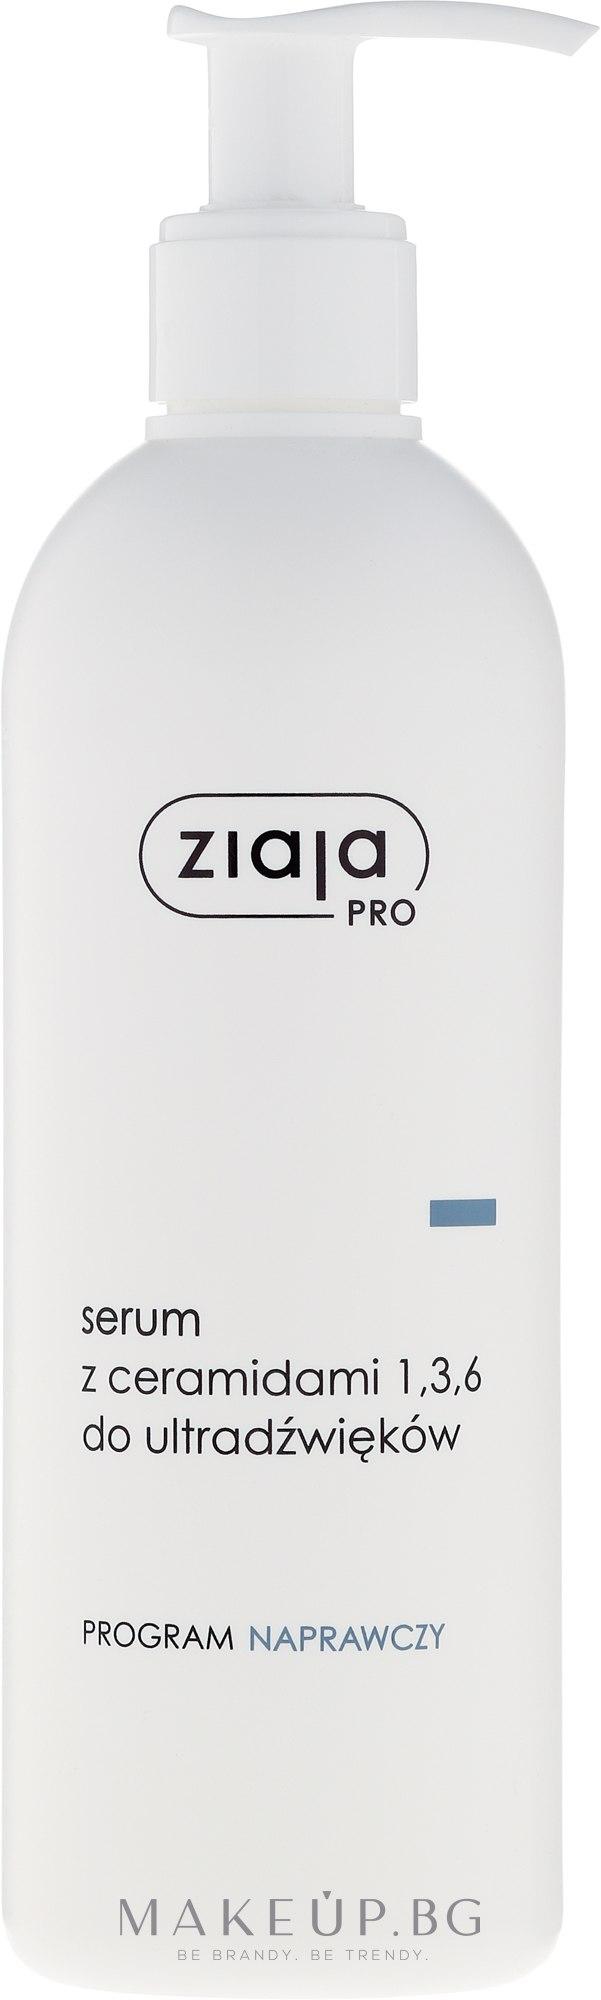 Серум за ултразвук със серамиди - Ziaja Pro Serum For Ultrasound with Ceramides — снимка 270 ml